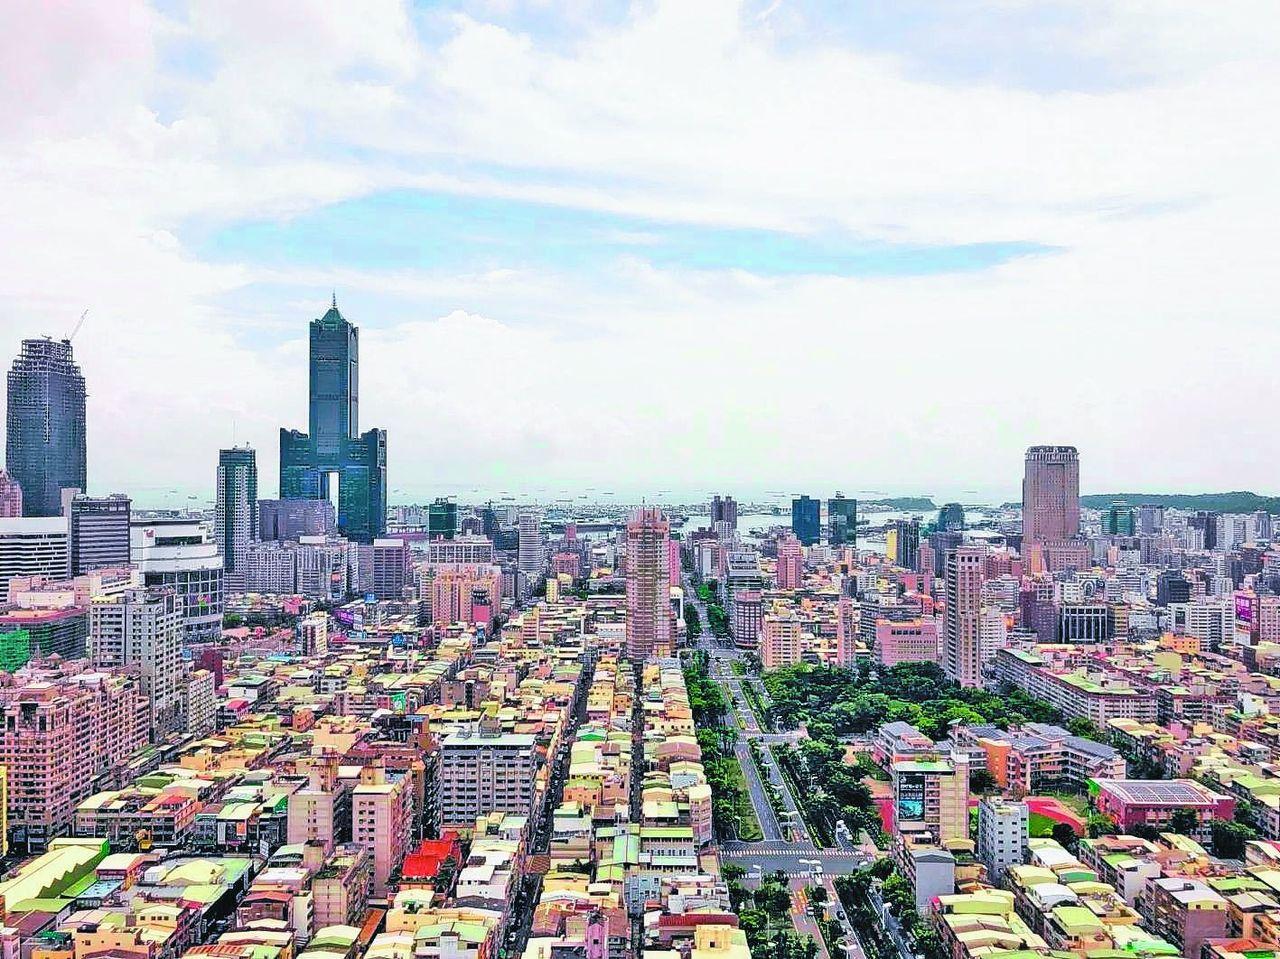 桃園、台南、高雄、基隆相繼推出公共建設商機座談,羅列十六項建設案,總招商金額達四...